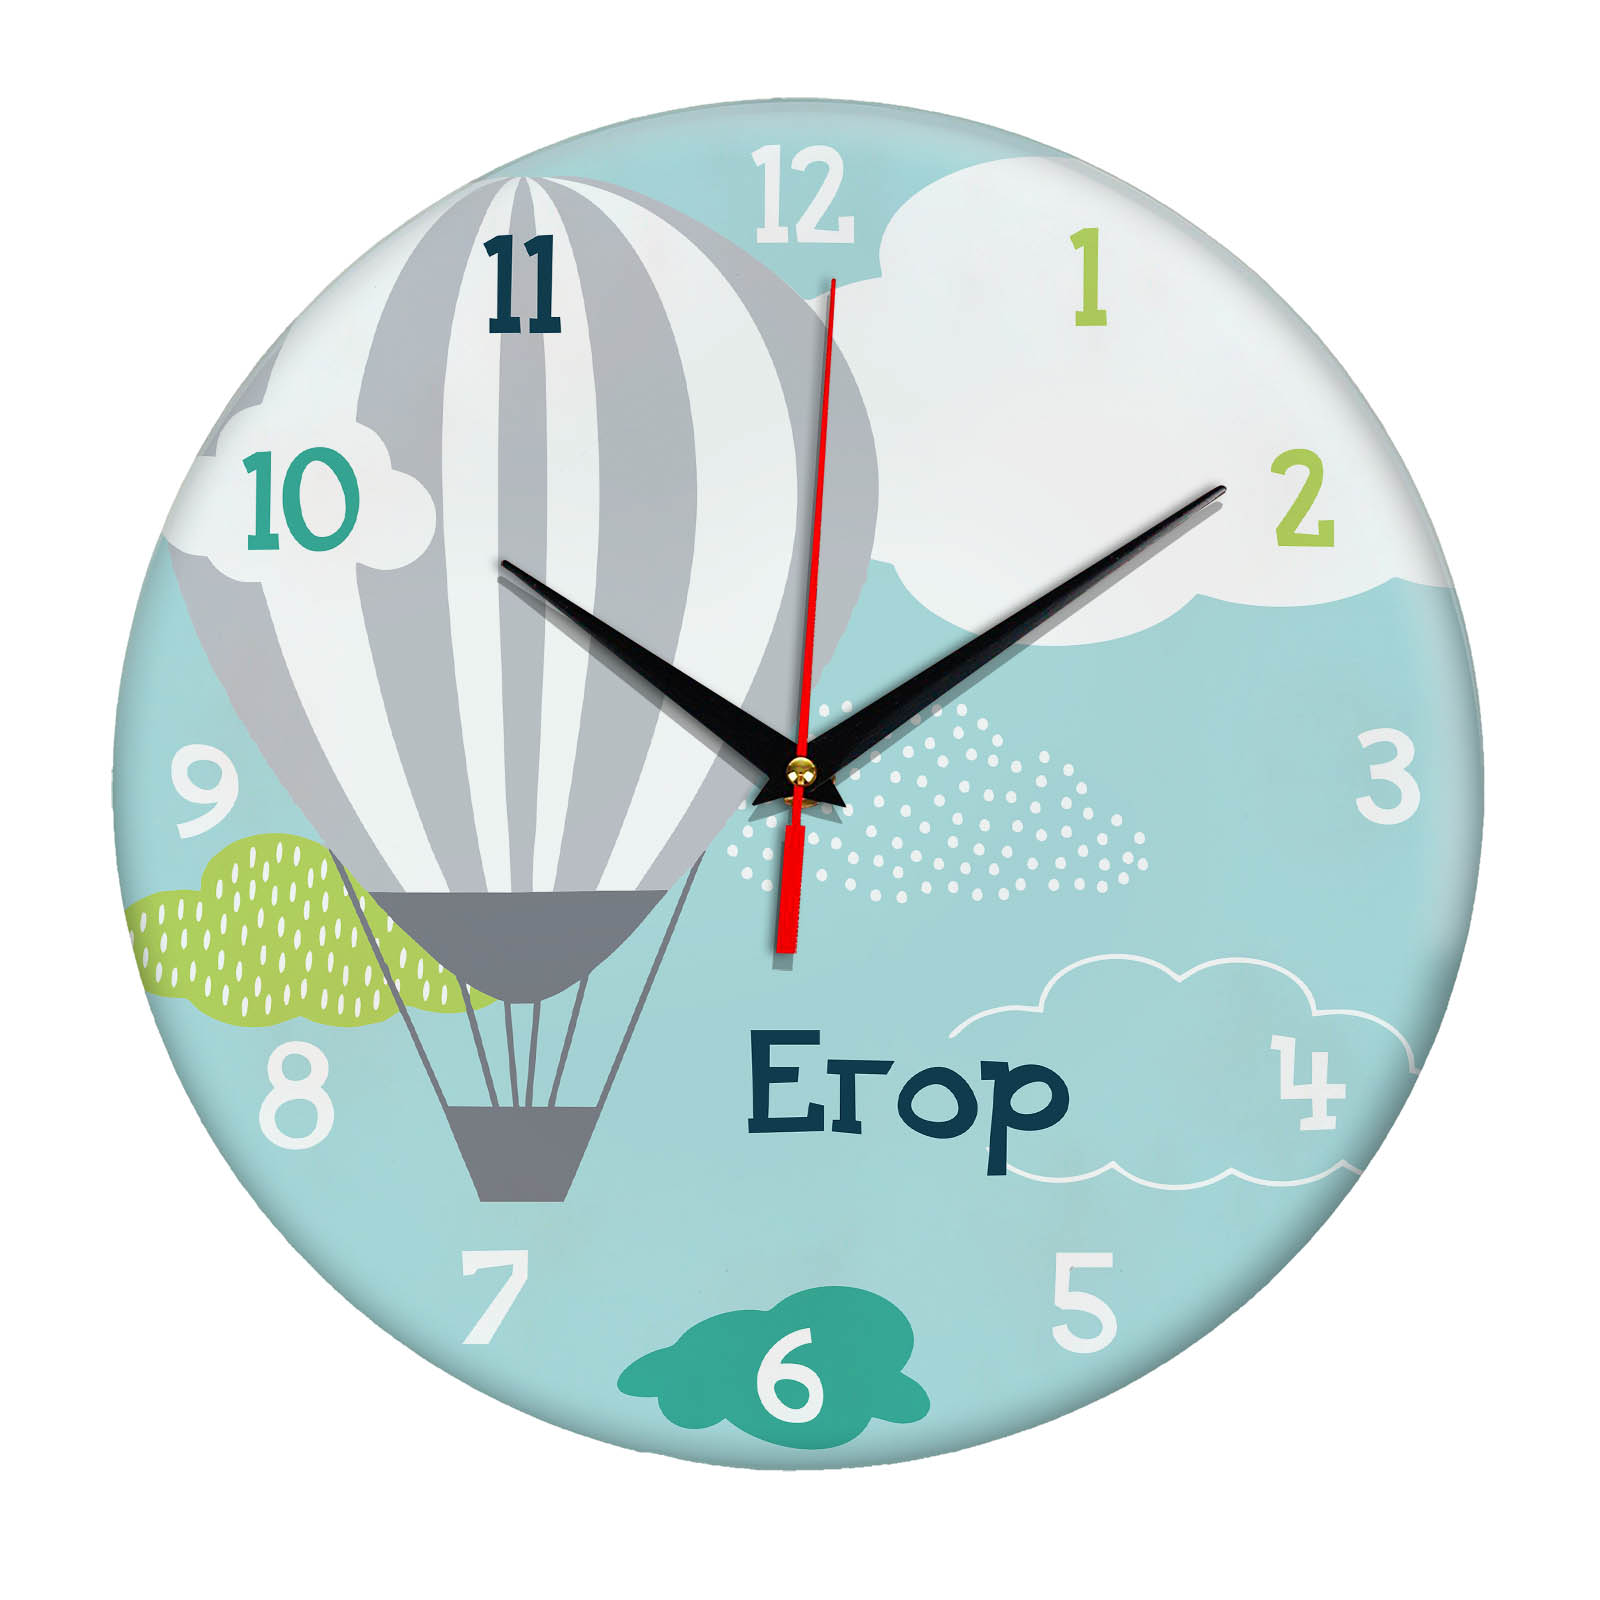 Подарок именной — Настенные часы с именем Егор